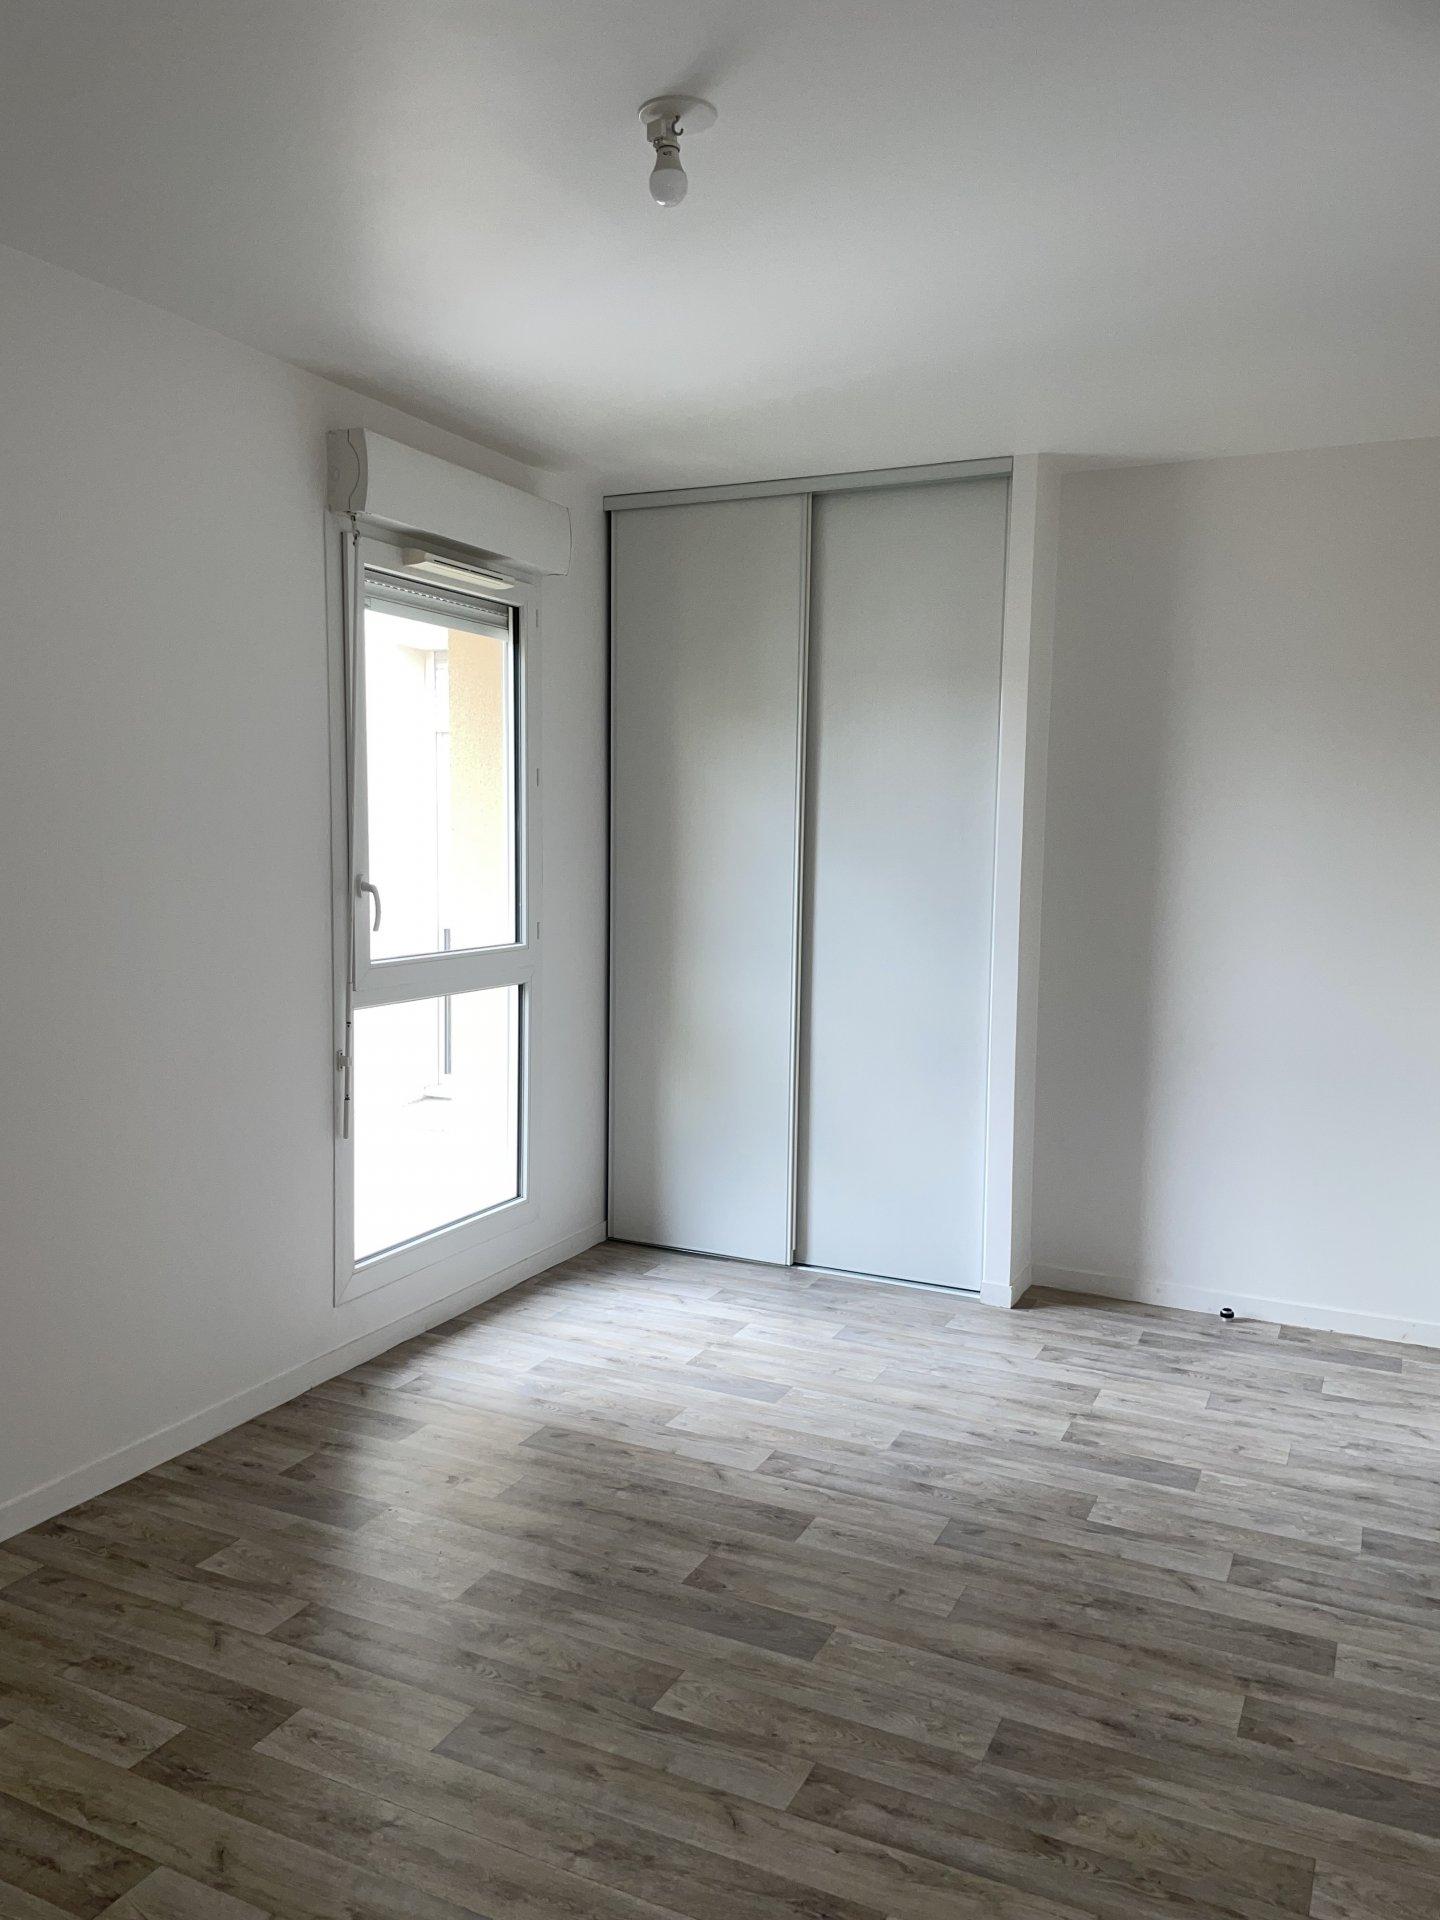 Appartement T2 avec balcon ROUEN quartier ST-CLEMENT